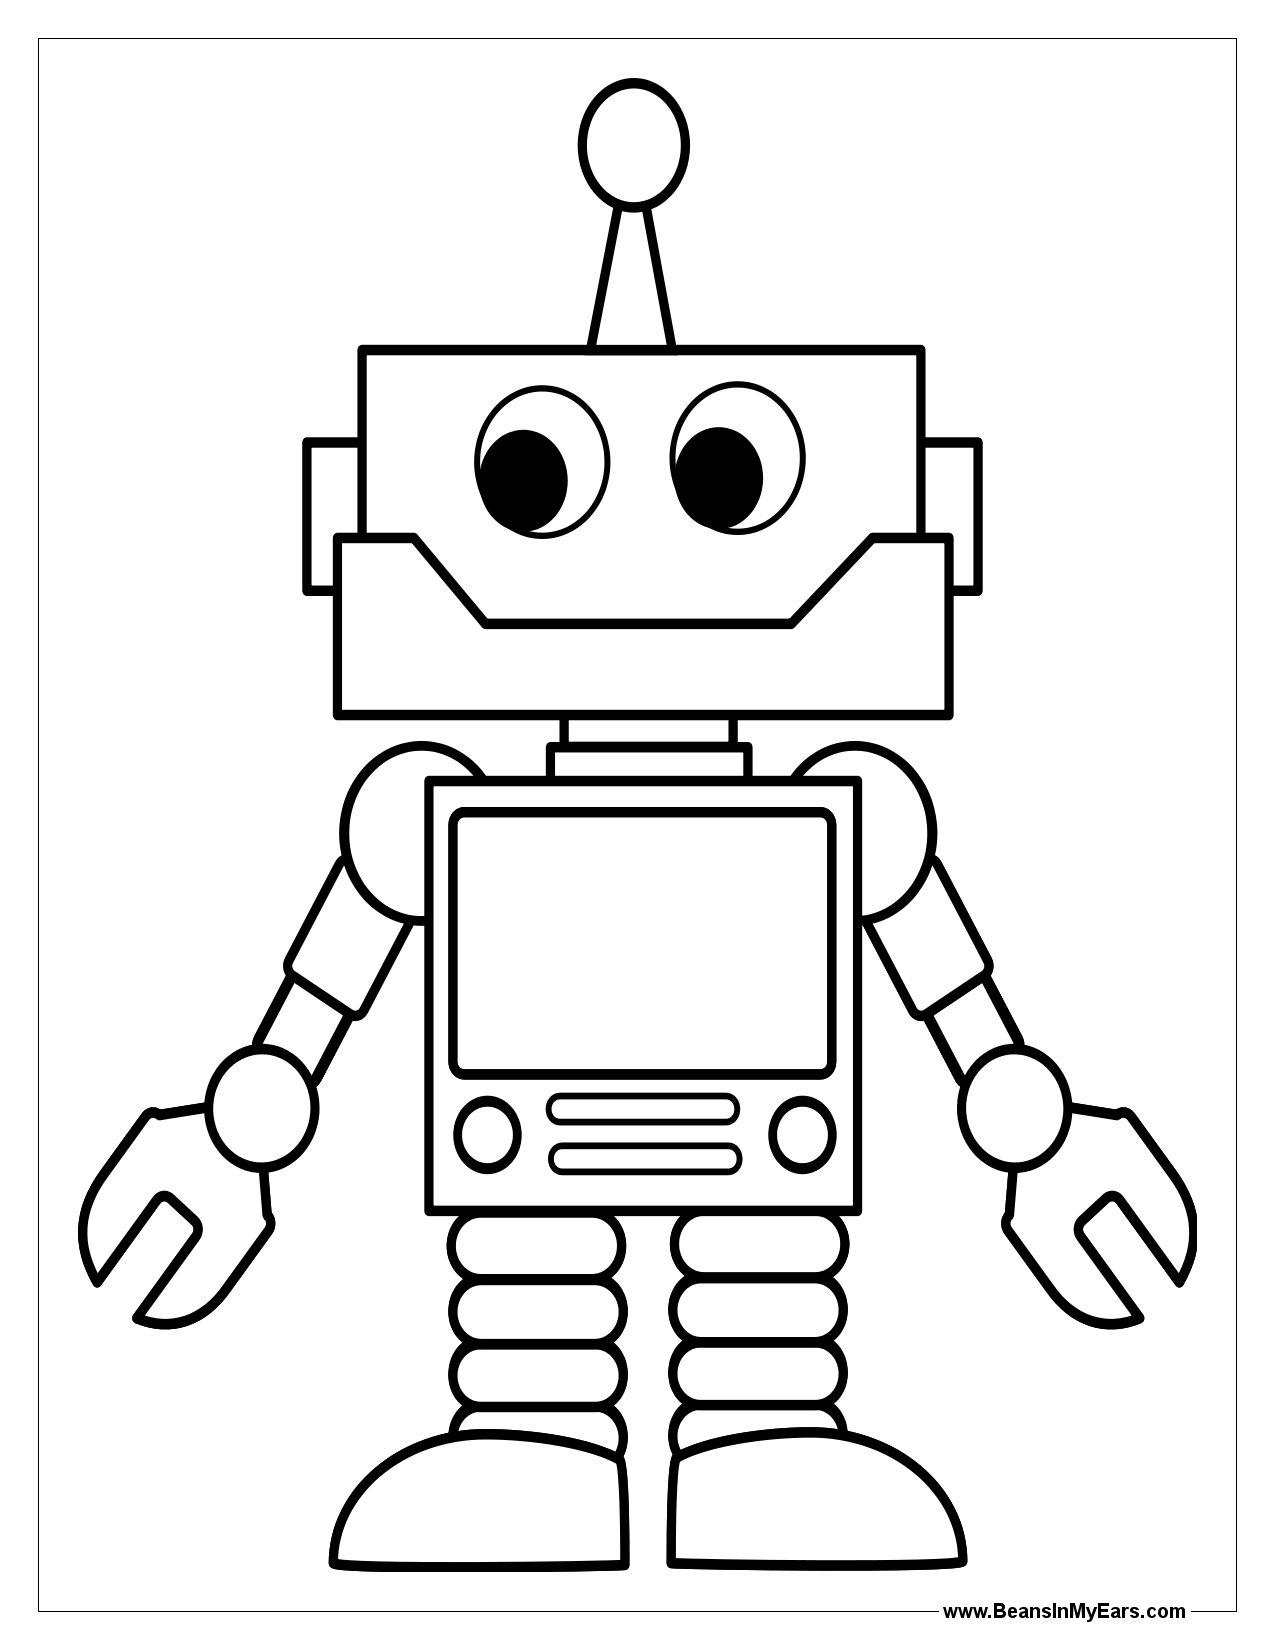 Раскраска для мальчиков роботы бесплатно